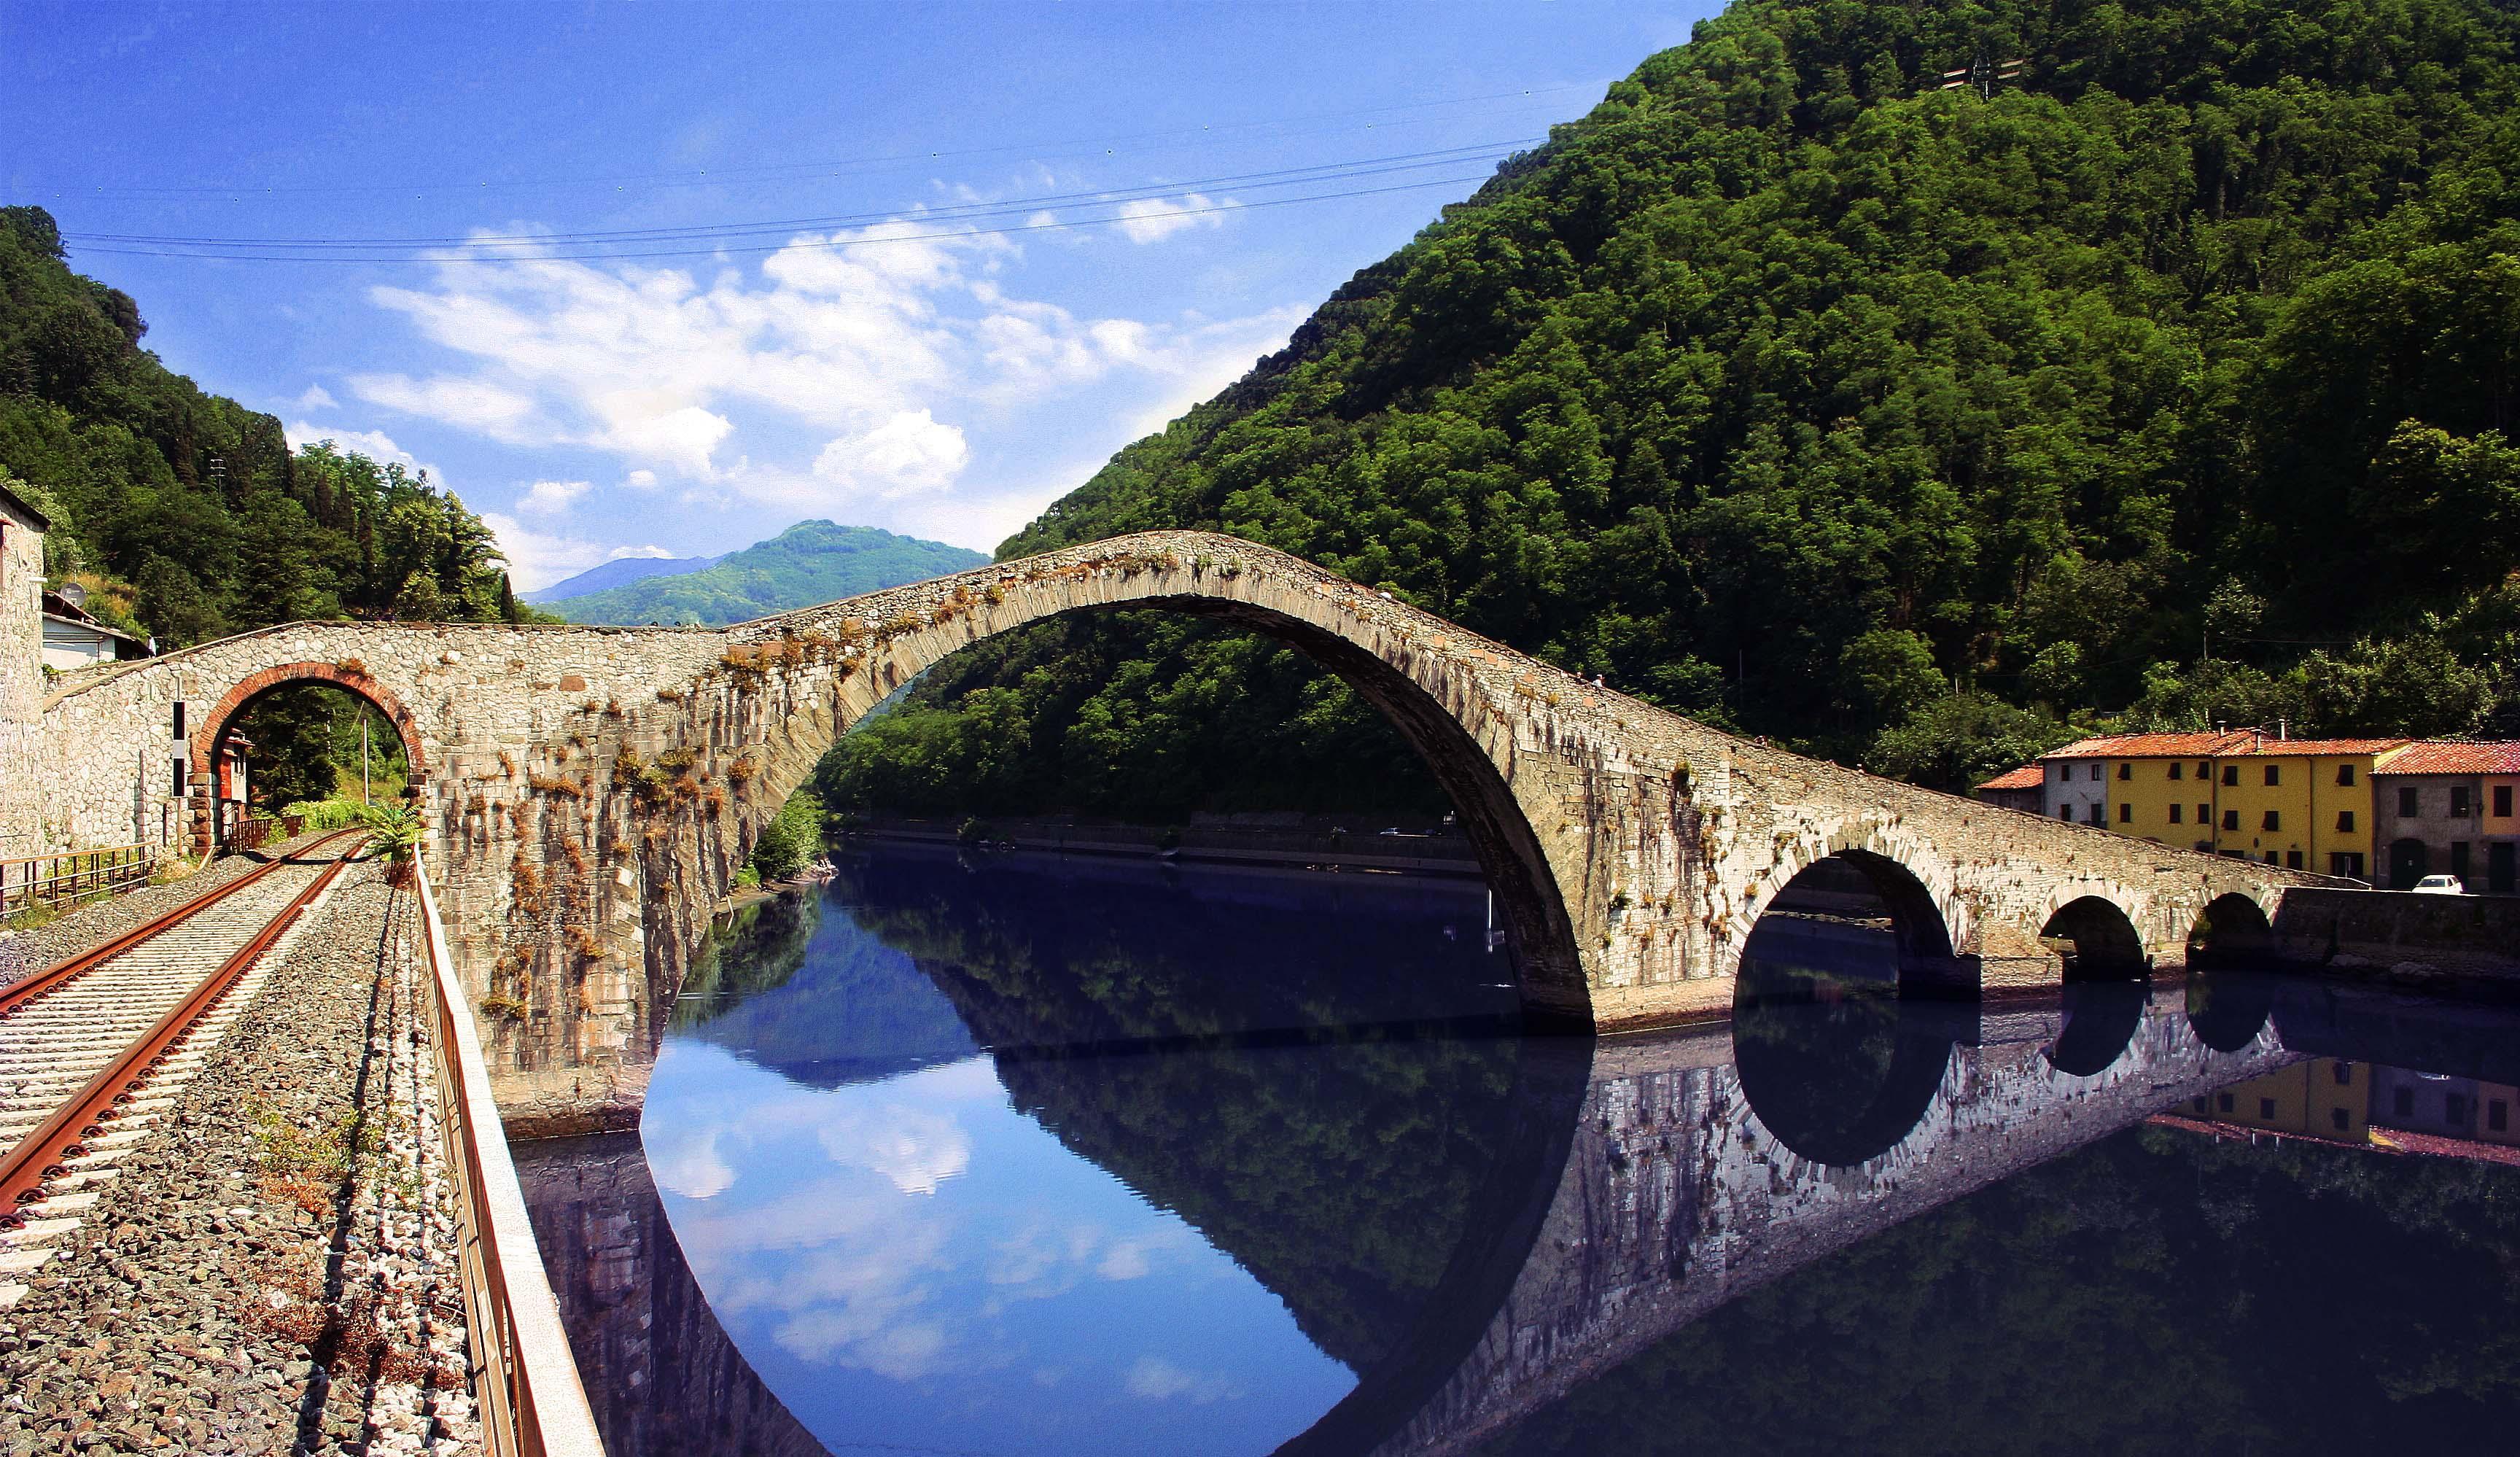 Vista del Ponte della Maddalena - Borgo a Mozzano